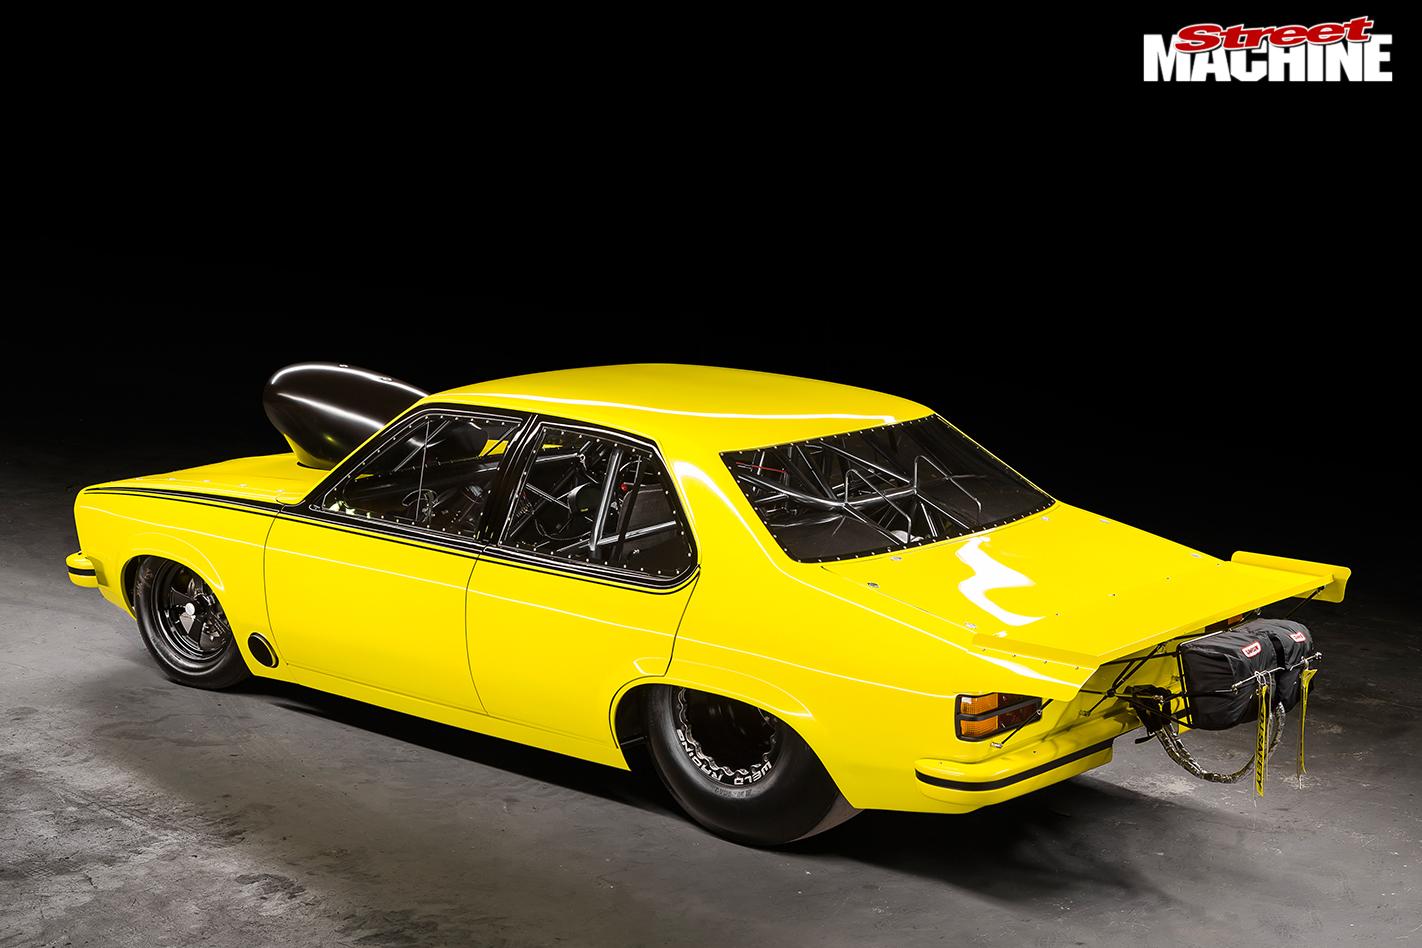 Holden -lx -torana -rear -angle